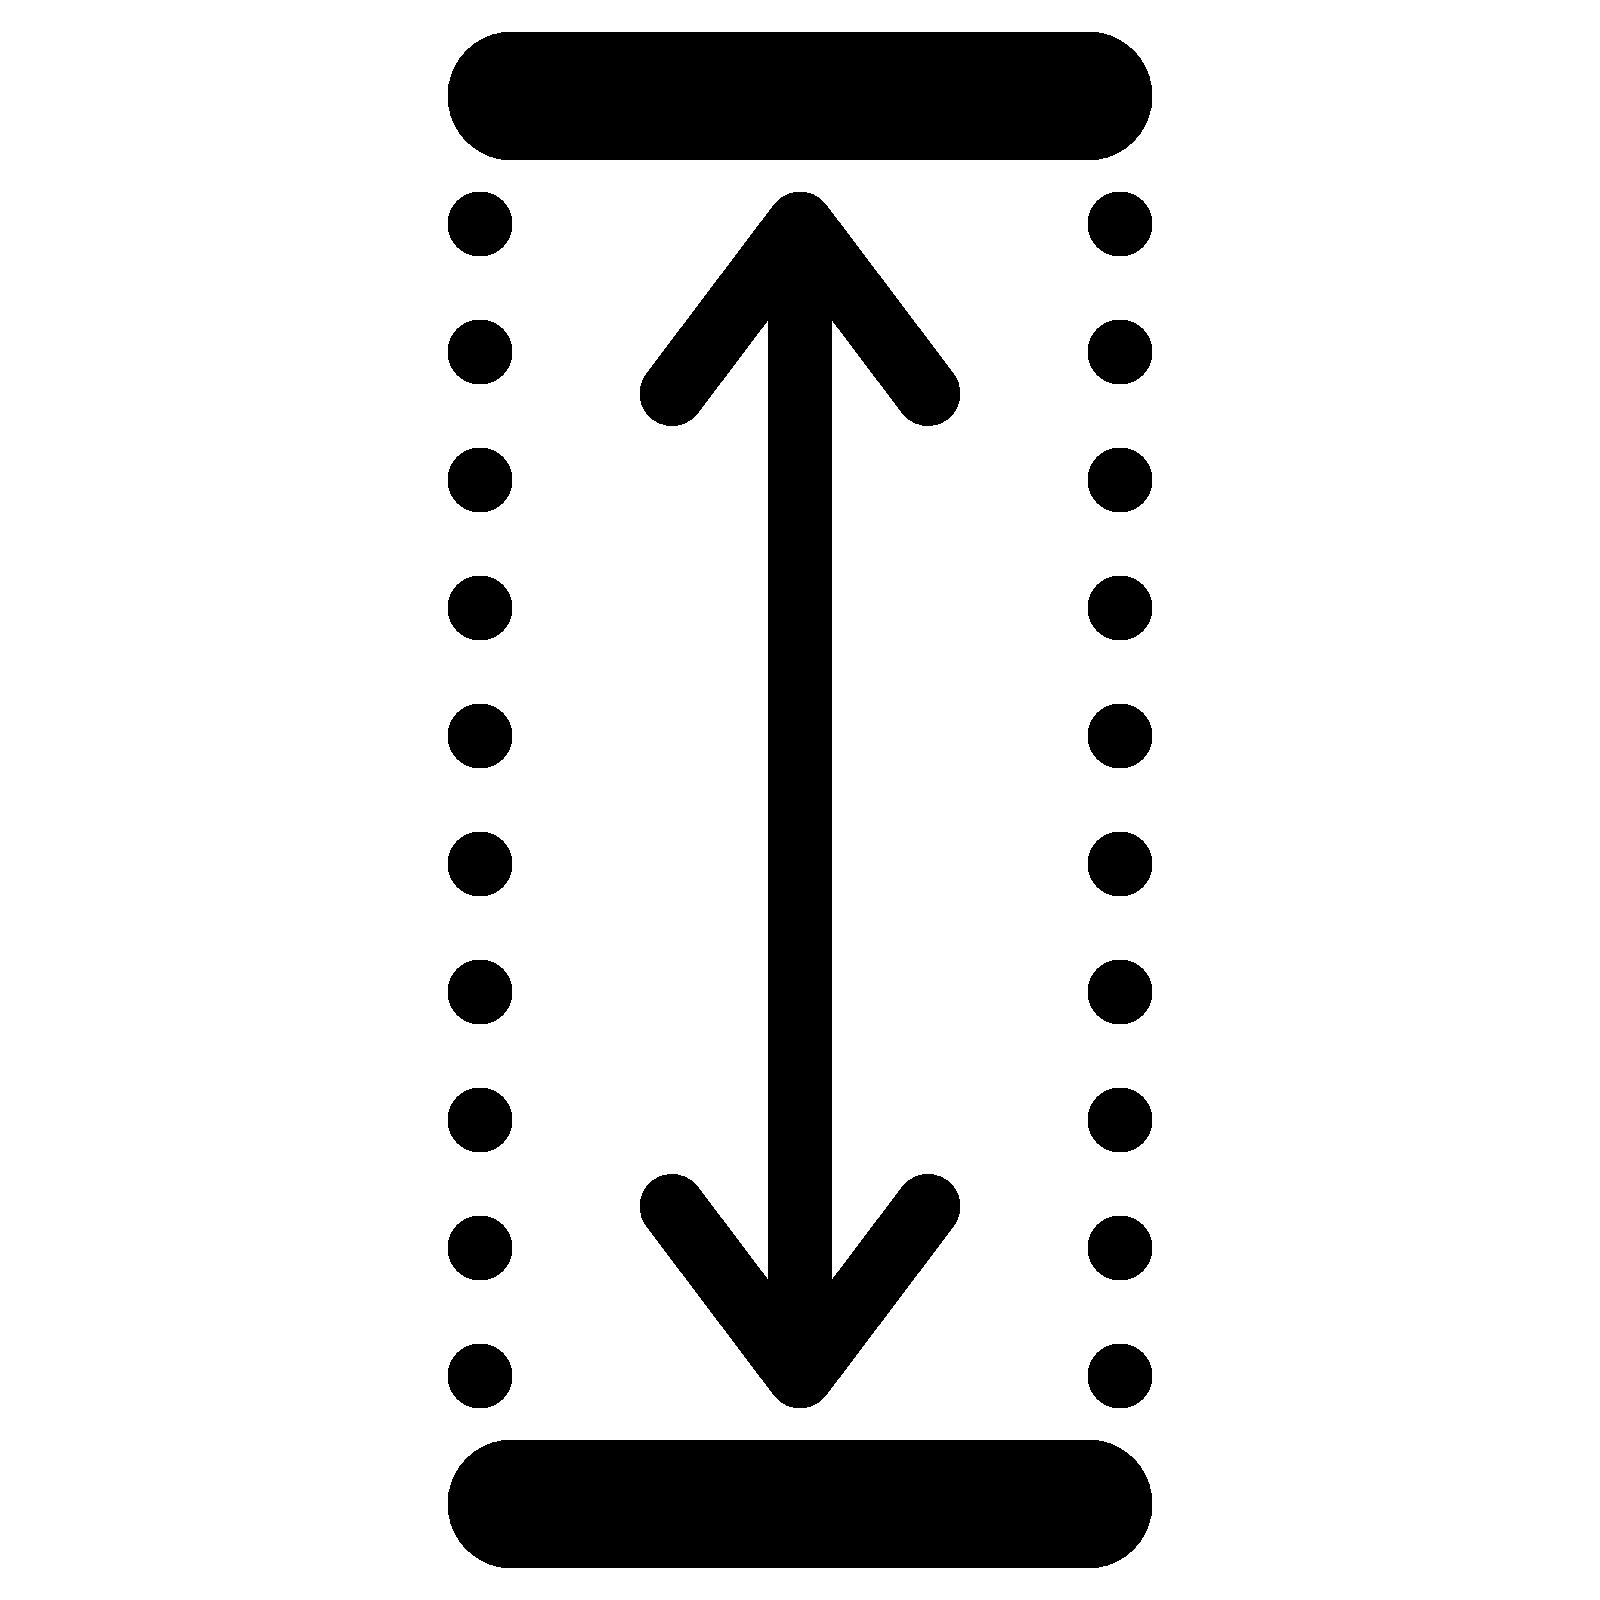 Višina je podana z loncem in lahko odstopa ±10%.